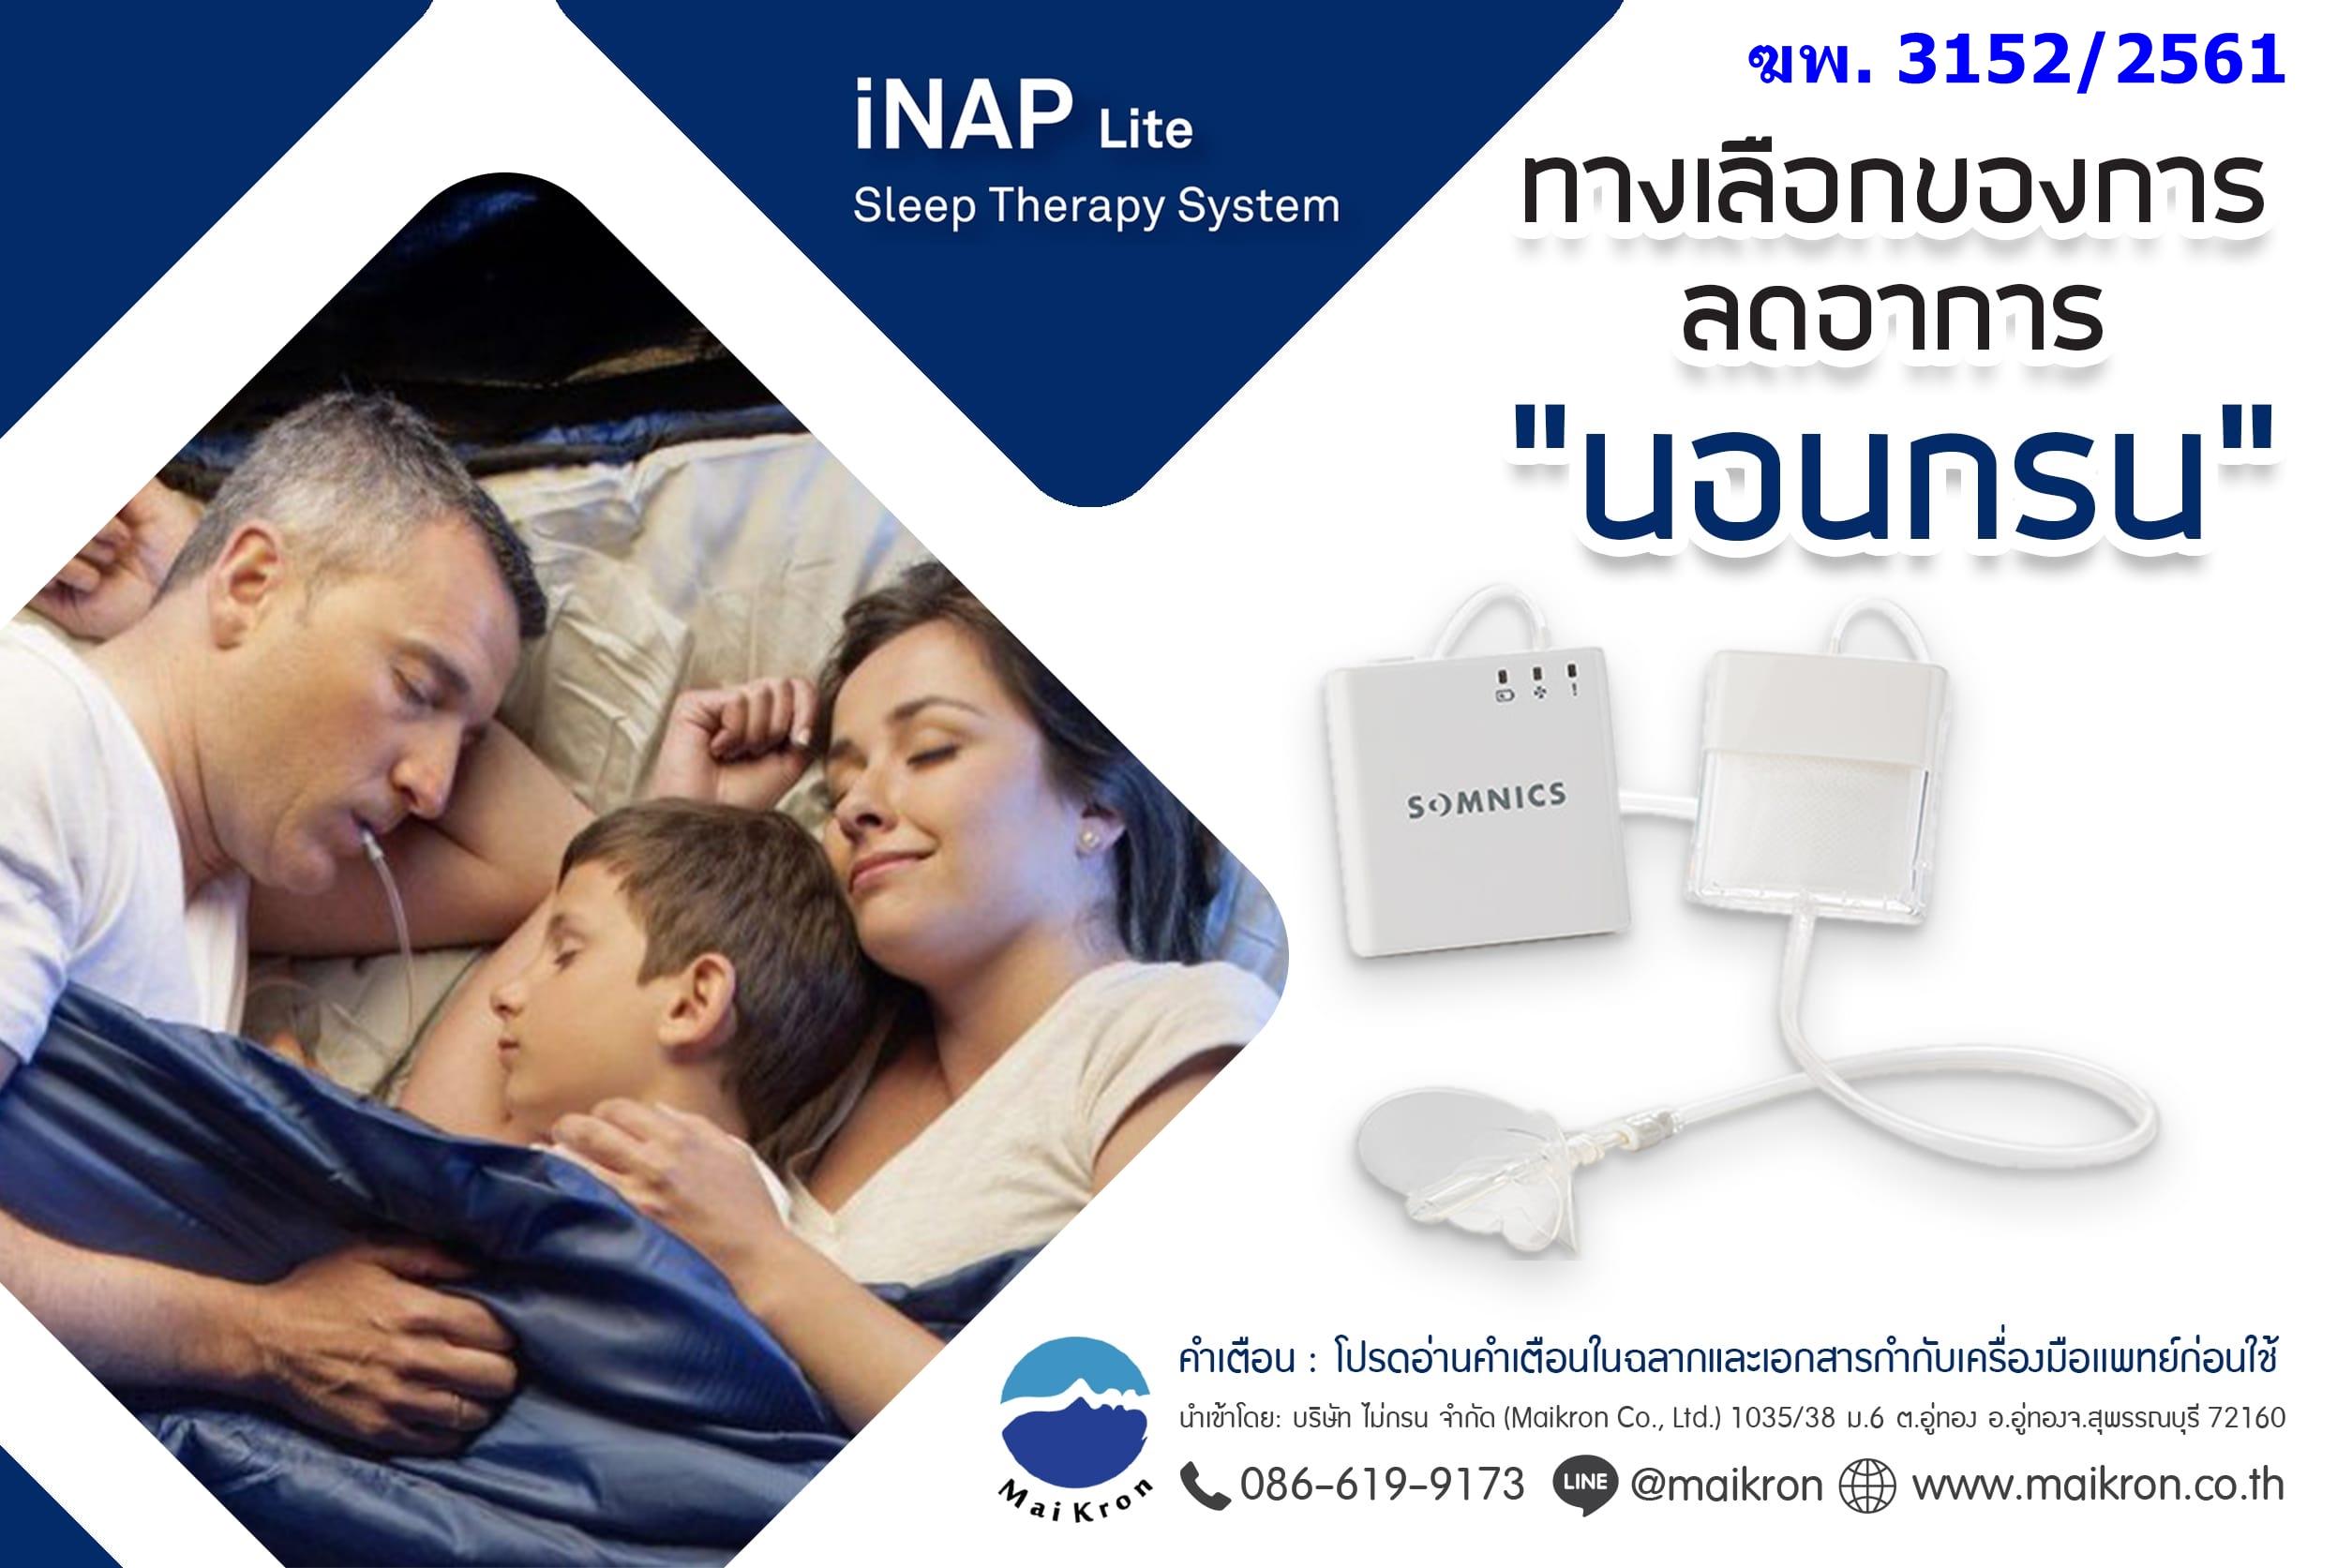 iNAP - ทางเลือกใหม่ของการบรรเทาภาวะหยุดหายใจขณะหลับ OSA